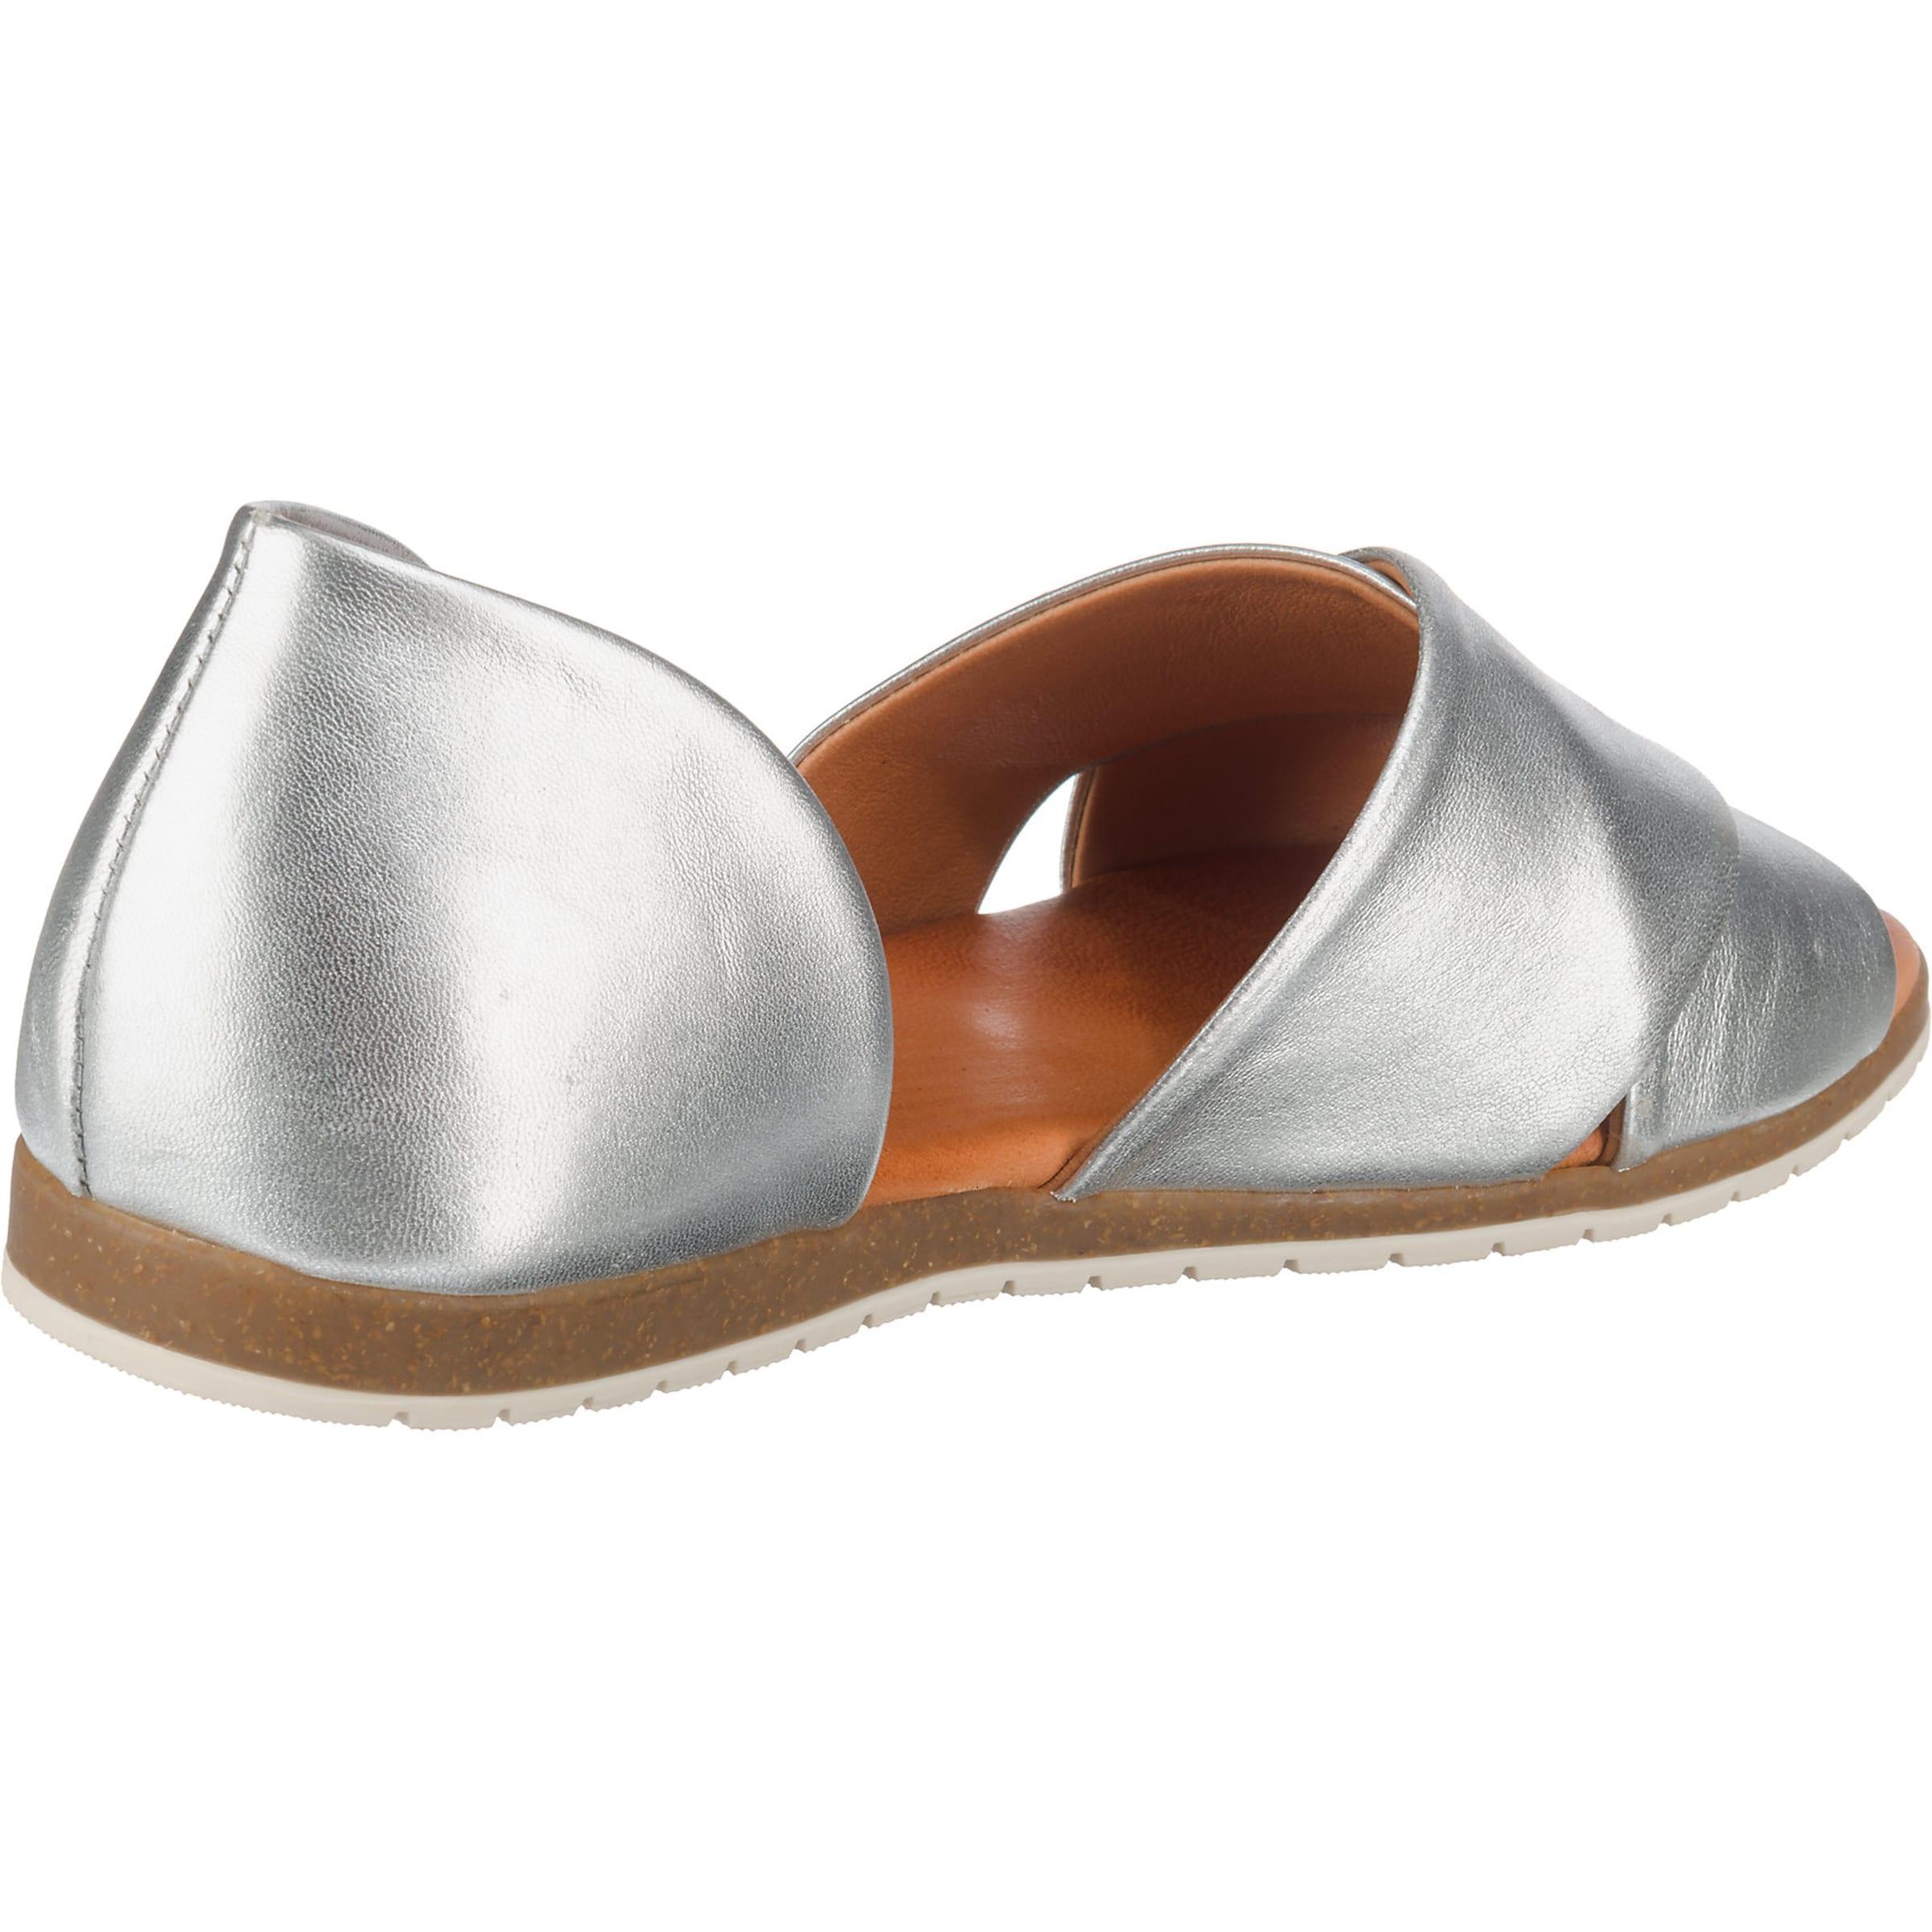 Apple Of 'chiusi' Silber Eden Sandale In sxQBodCthr